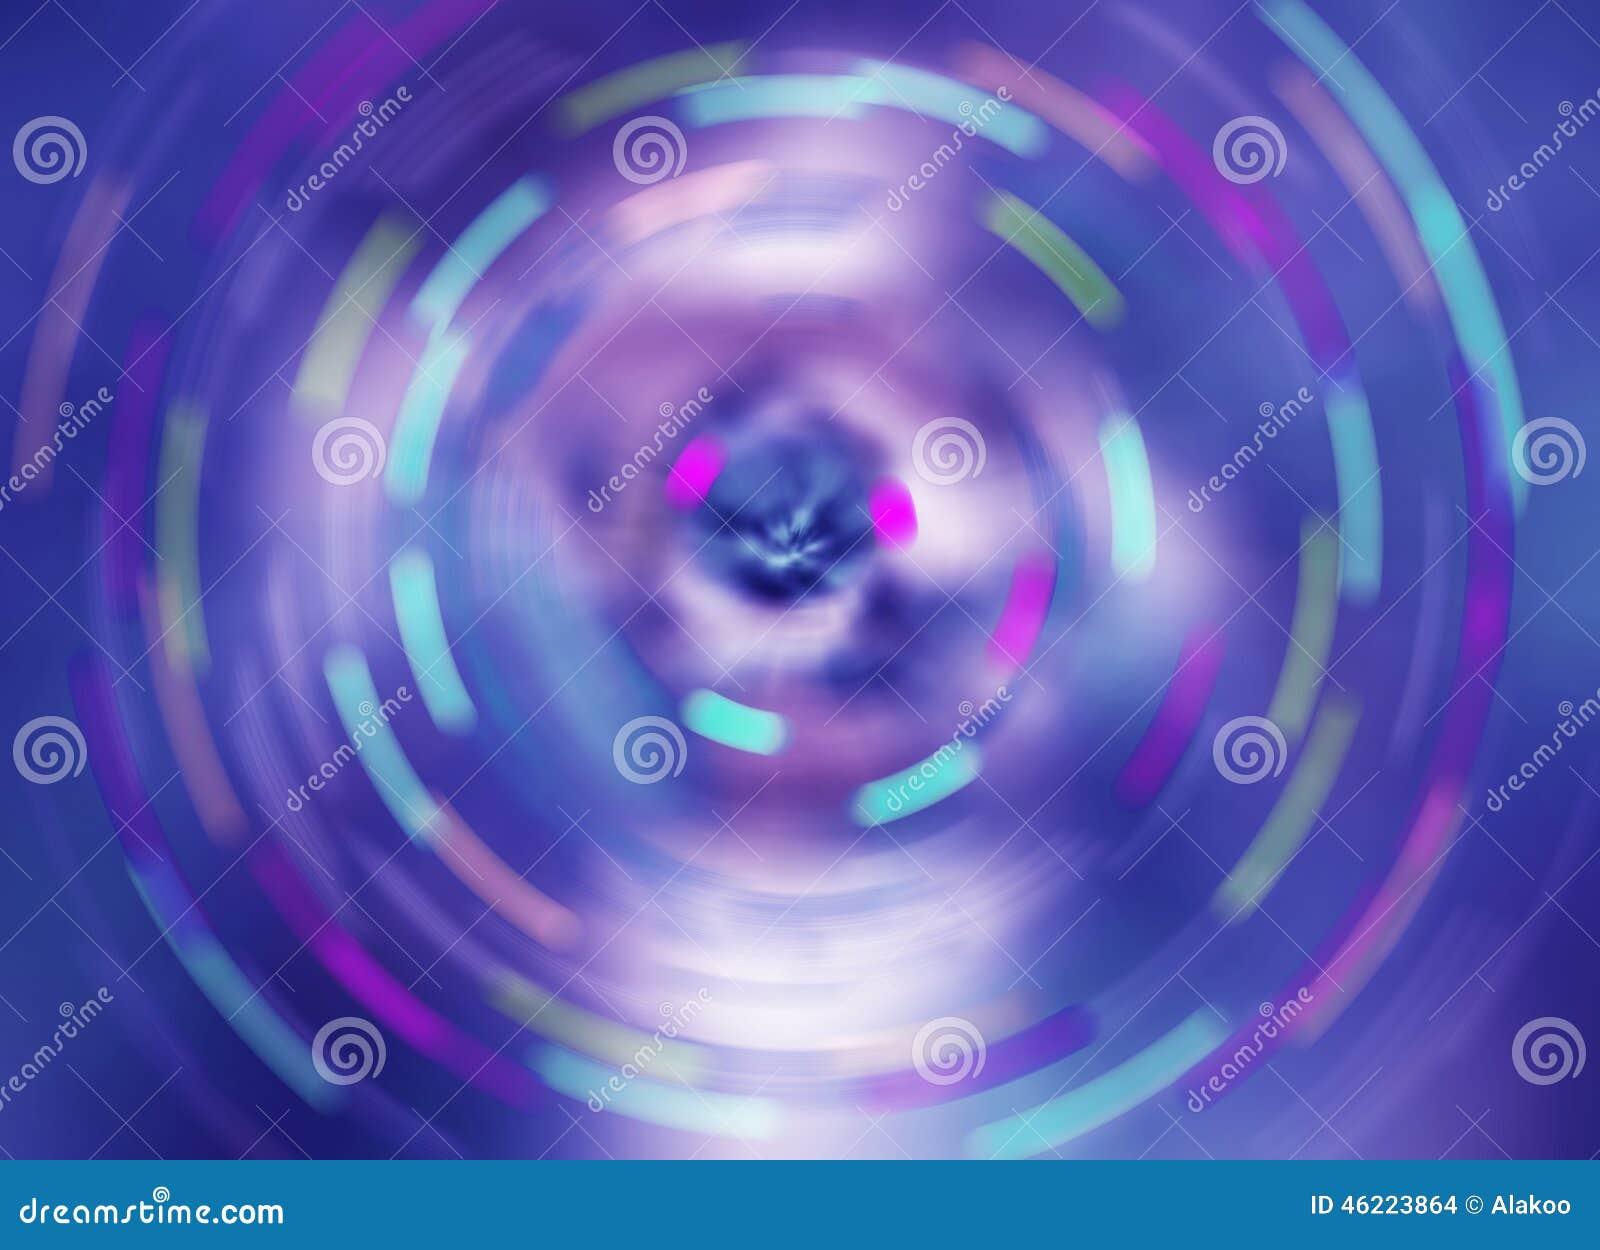 De blauwe kleur die abstracte het onduidelijke beeldachtergrond spint van de snelheidsmotie, roteert rotatie vaag patroon